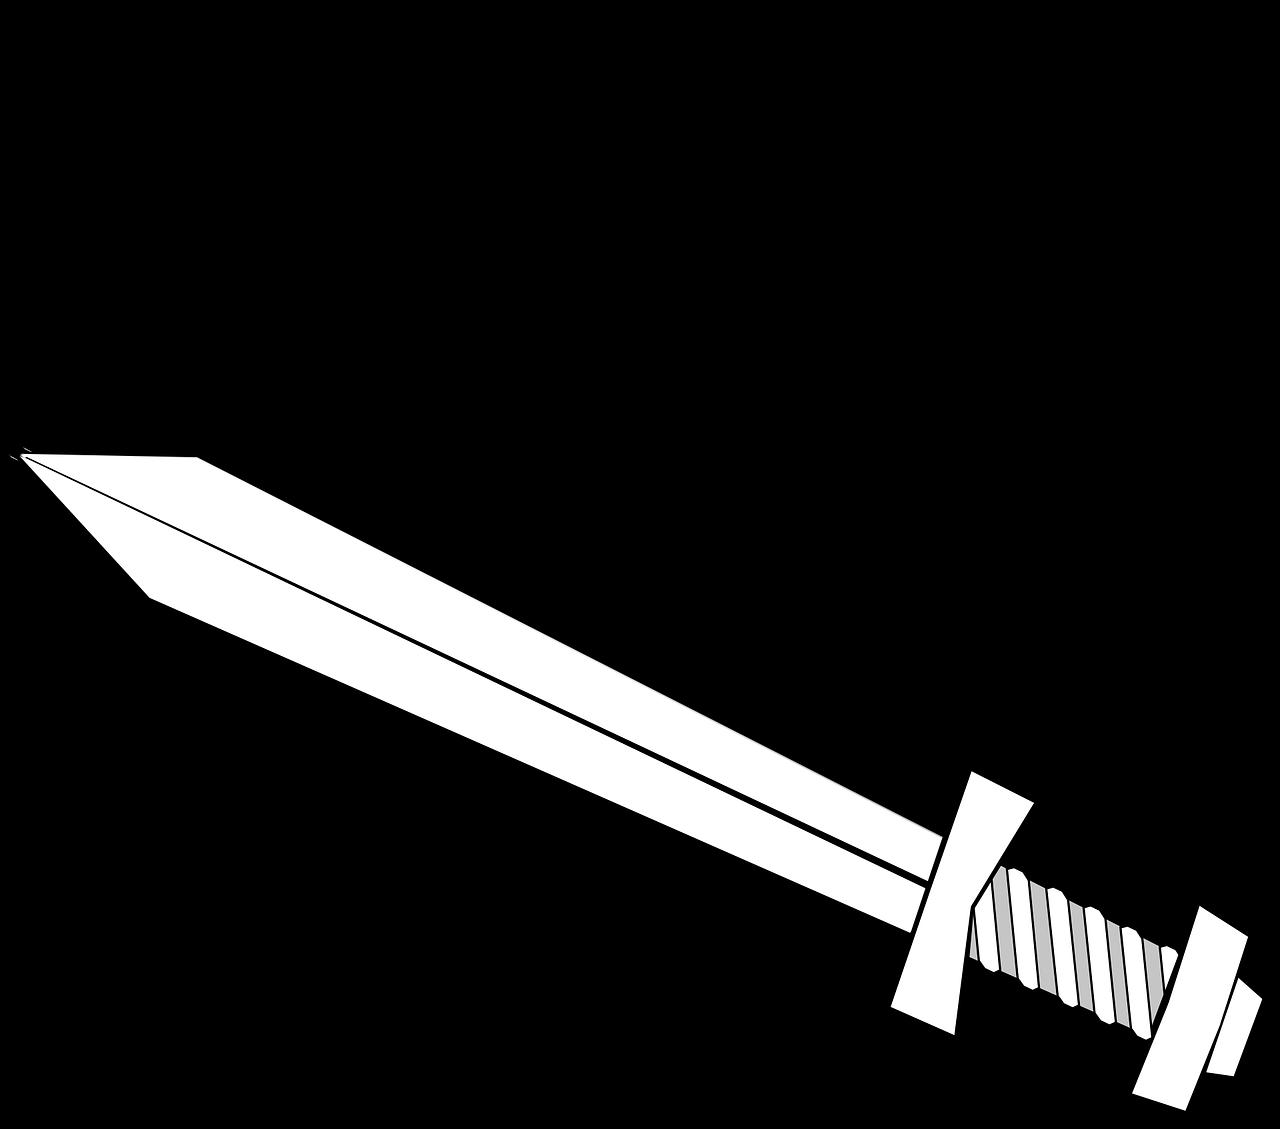 щит и меч картинка черно белая этим